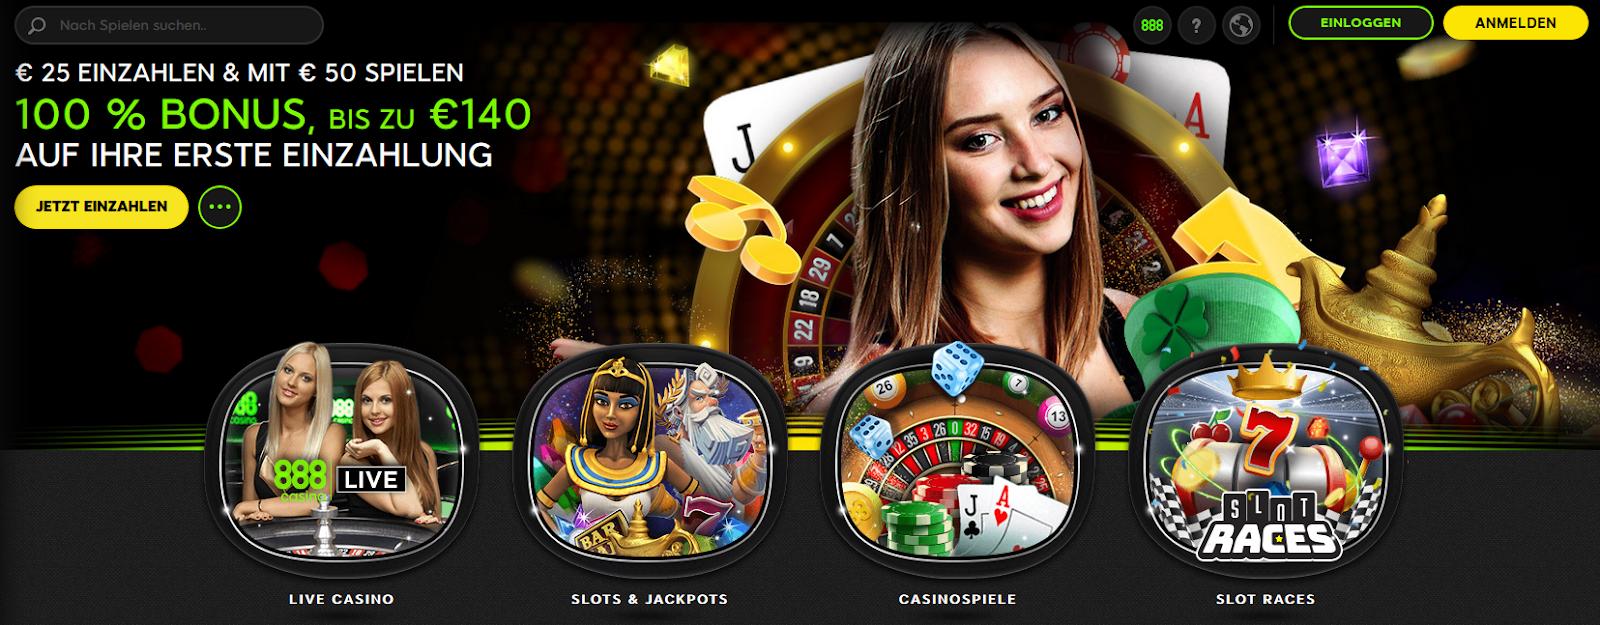 Die offizielle Casino 888 Webseite